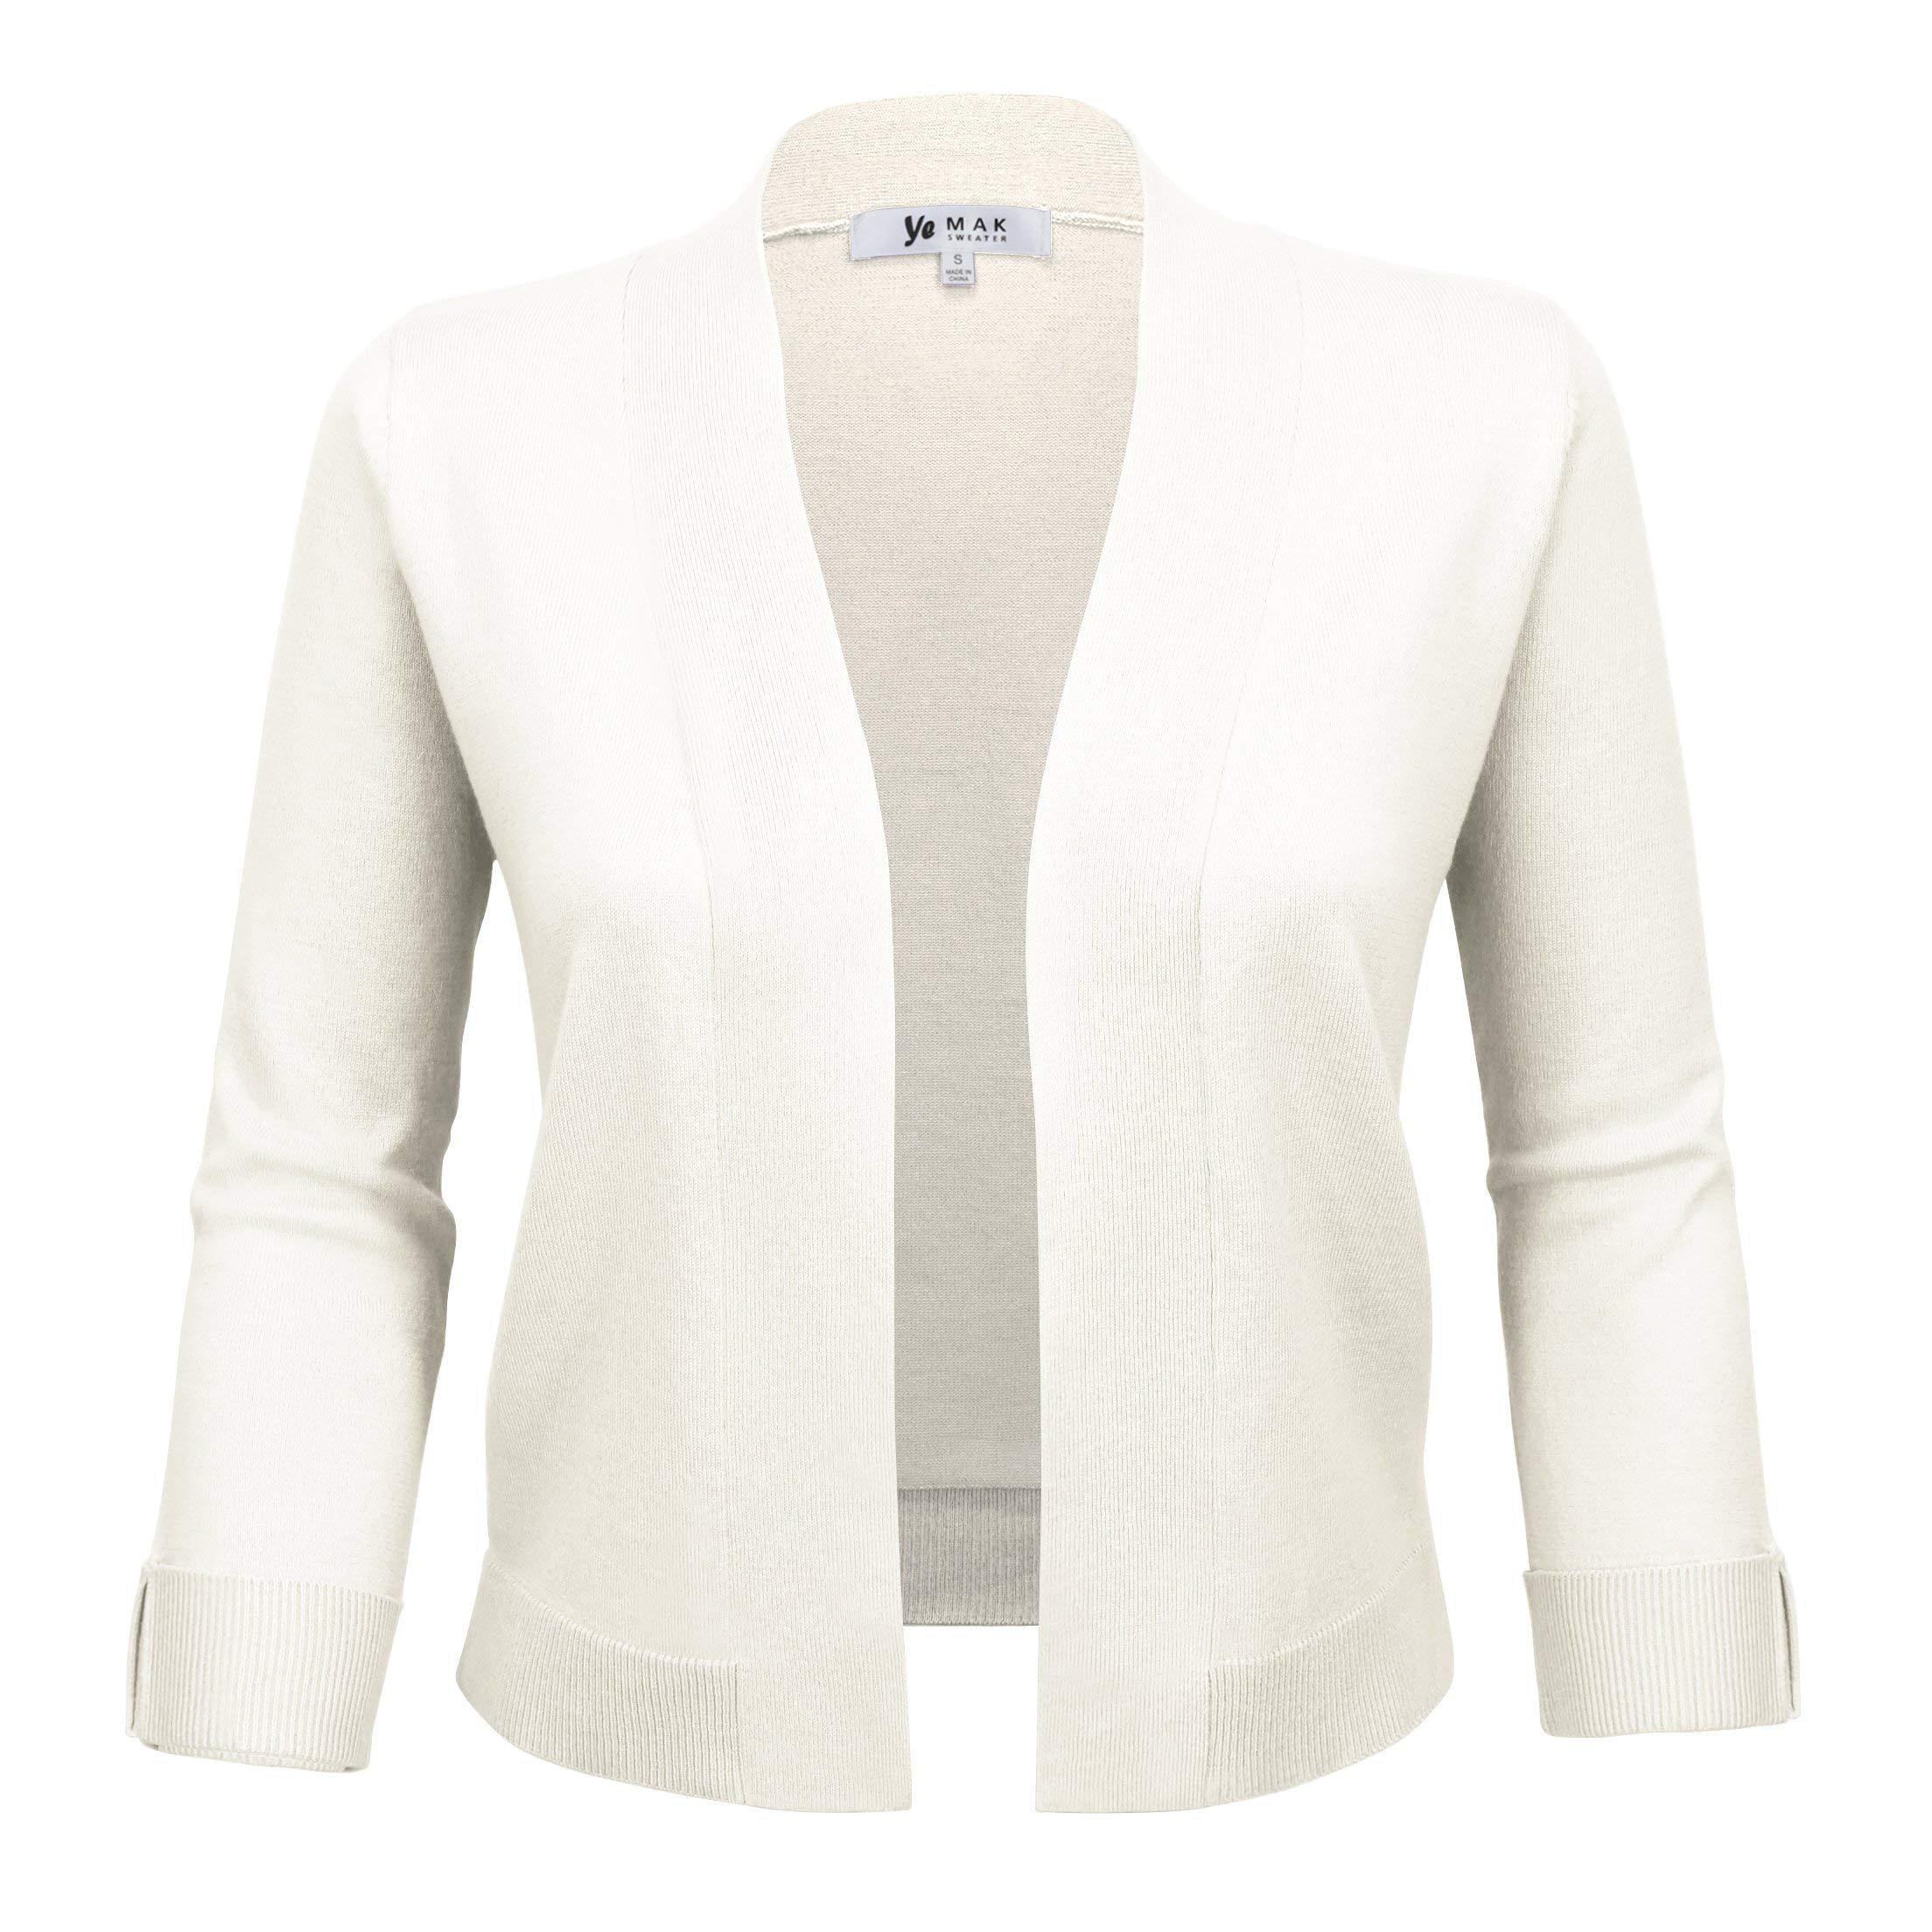 YEMAK Women's 3/4 Sleeve Open Front Sweater Cardigan Cropped Bolero Style MK3558-IVR-S